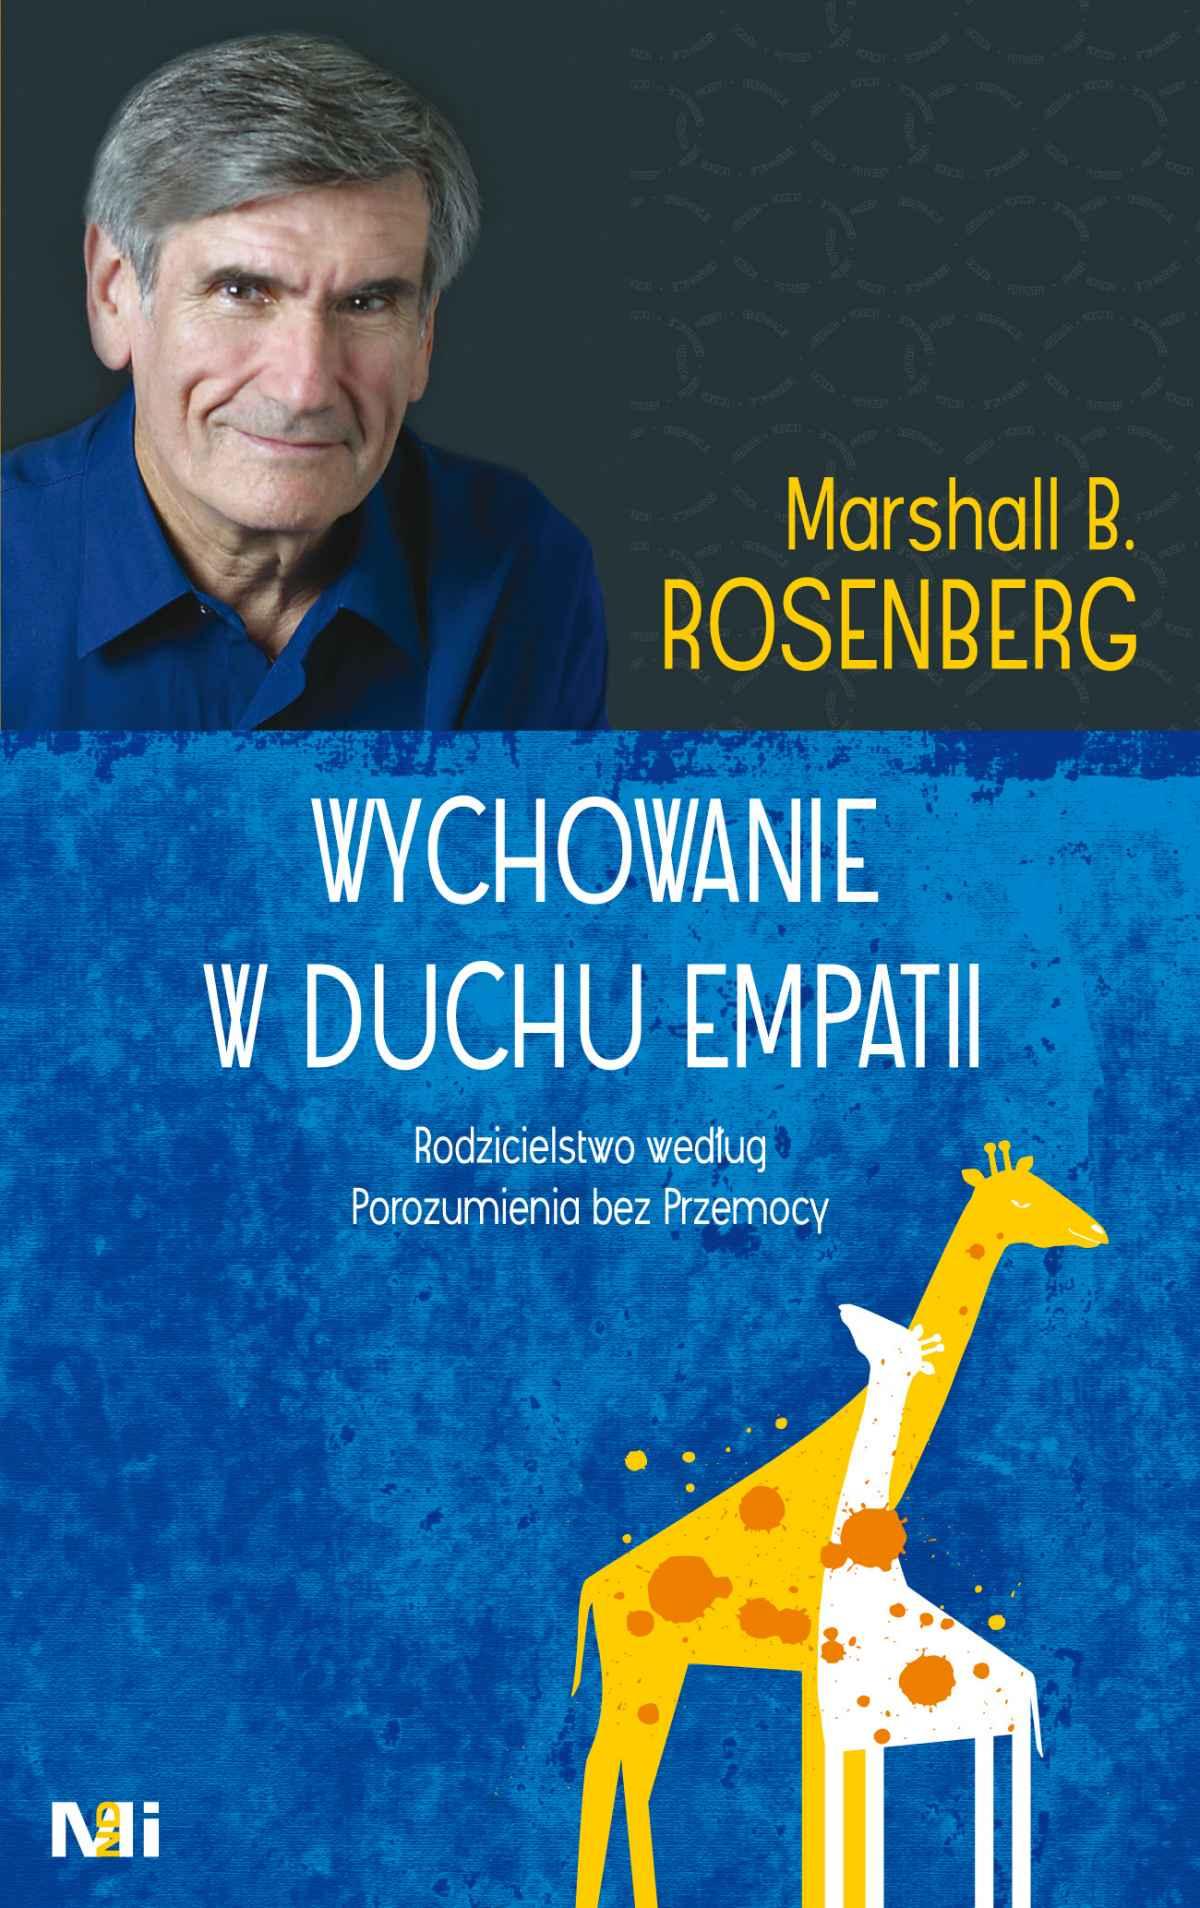 Wychowanie w duchu empatii. Rodzicielstwo według Porozumienia bez Przemocy - Ebook (Książka EPUB) do pobrania w formacie EPUB